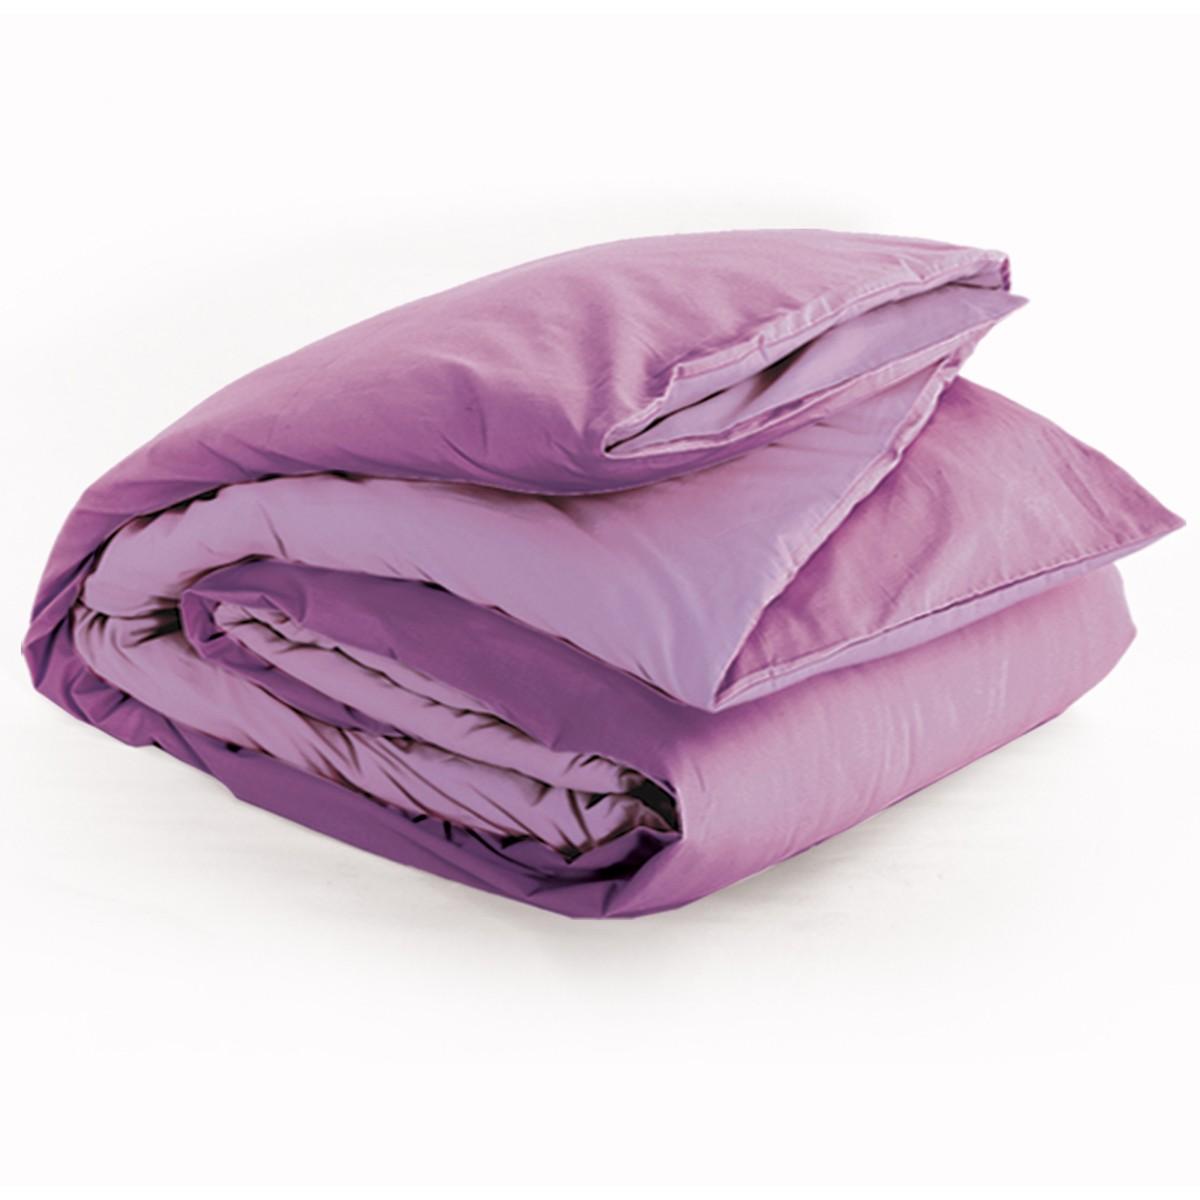 Παπλωματοθήκη Υπέρδιπλη 2 Όψεων Nef-Nef Bicolor Violet/Lilac